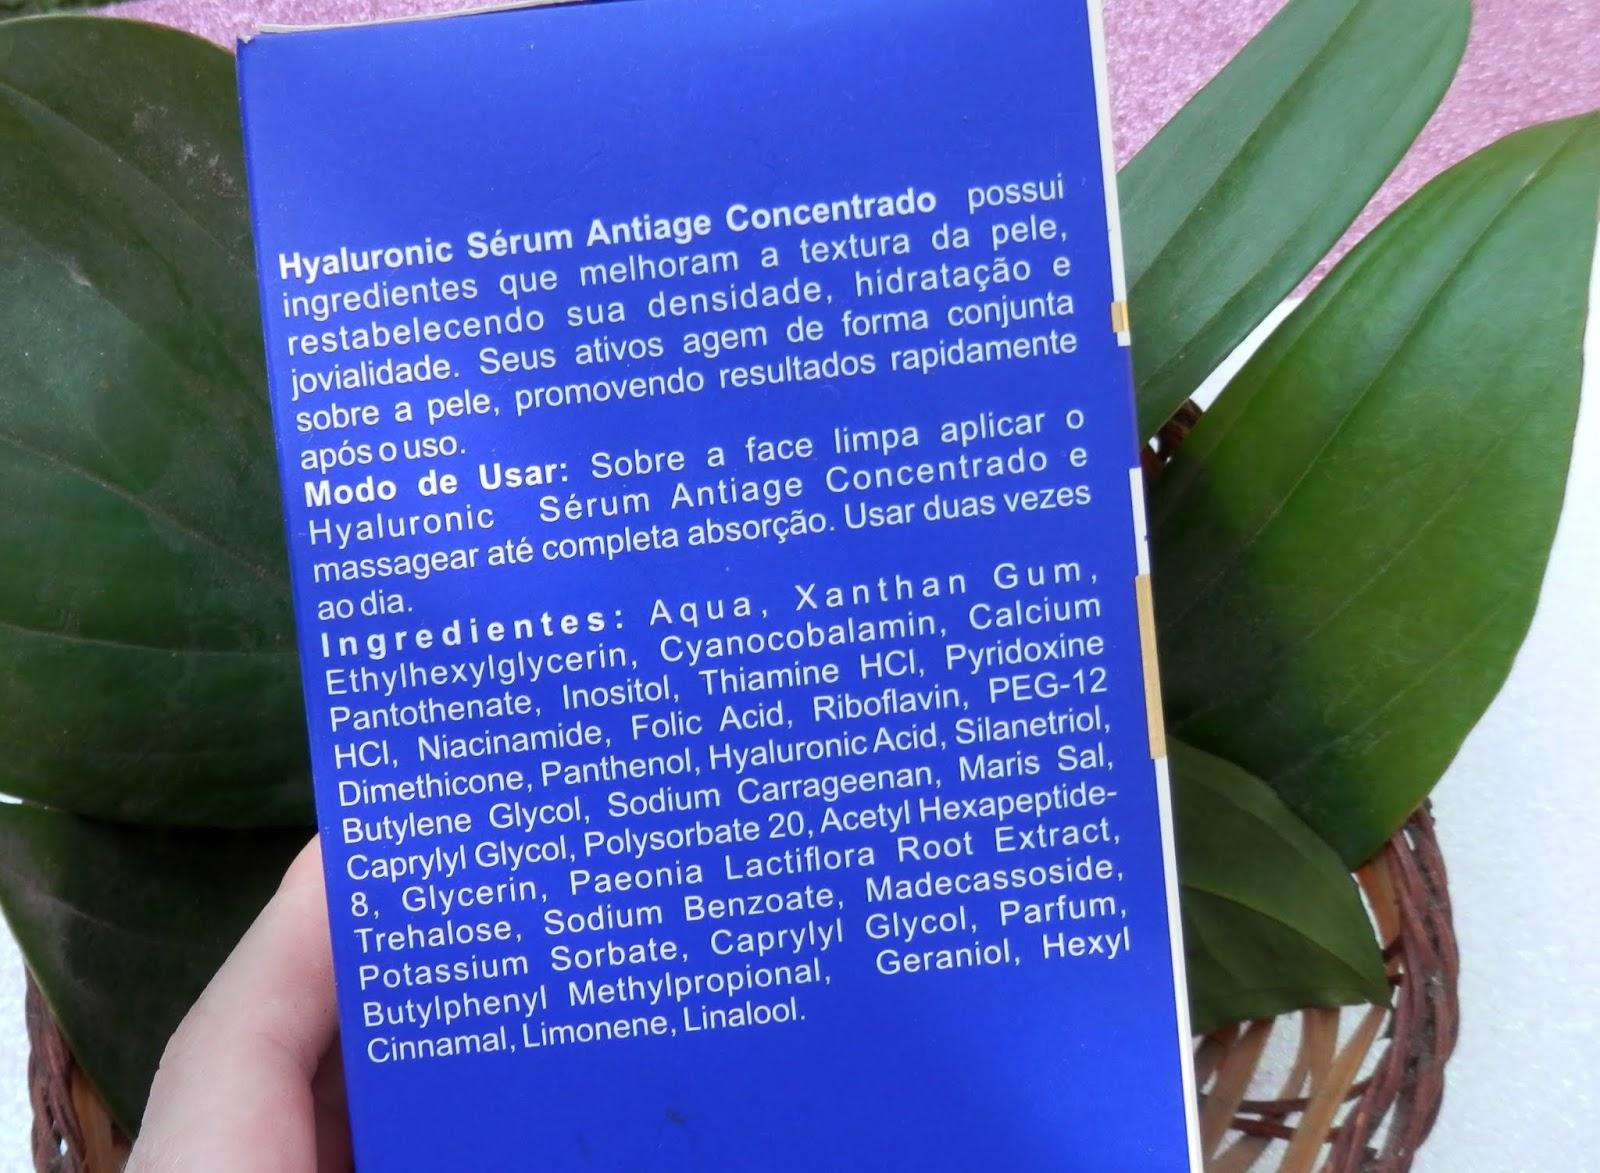 Composição Hyaluronic Sérum Antiage Concentrado da Biomarine